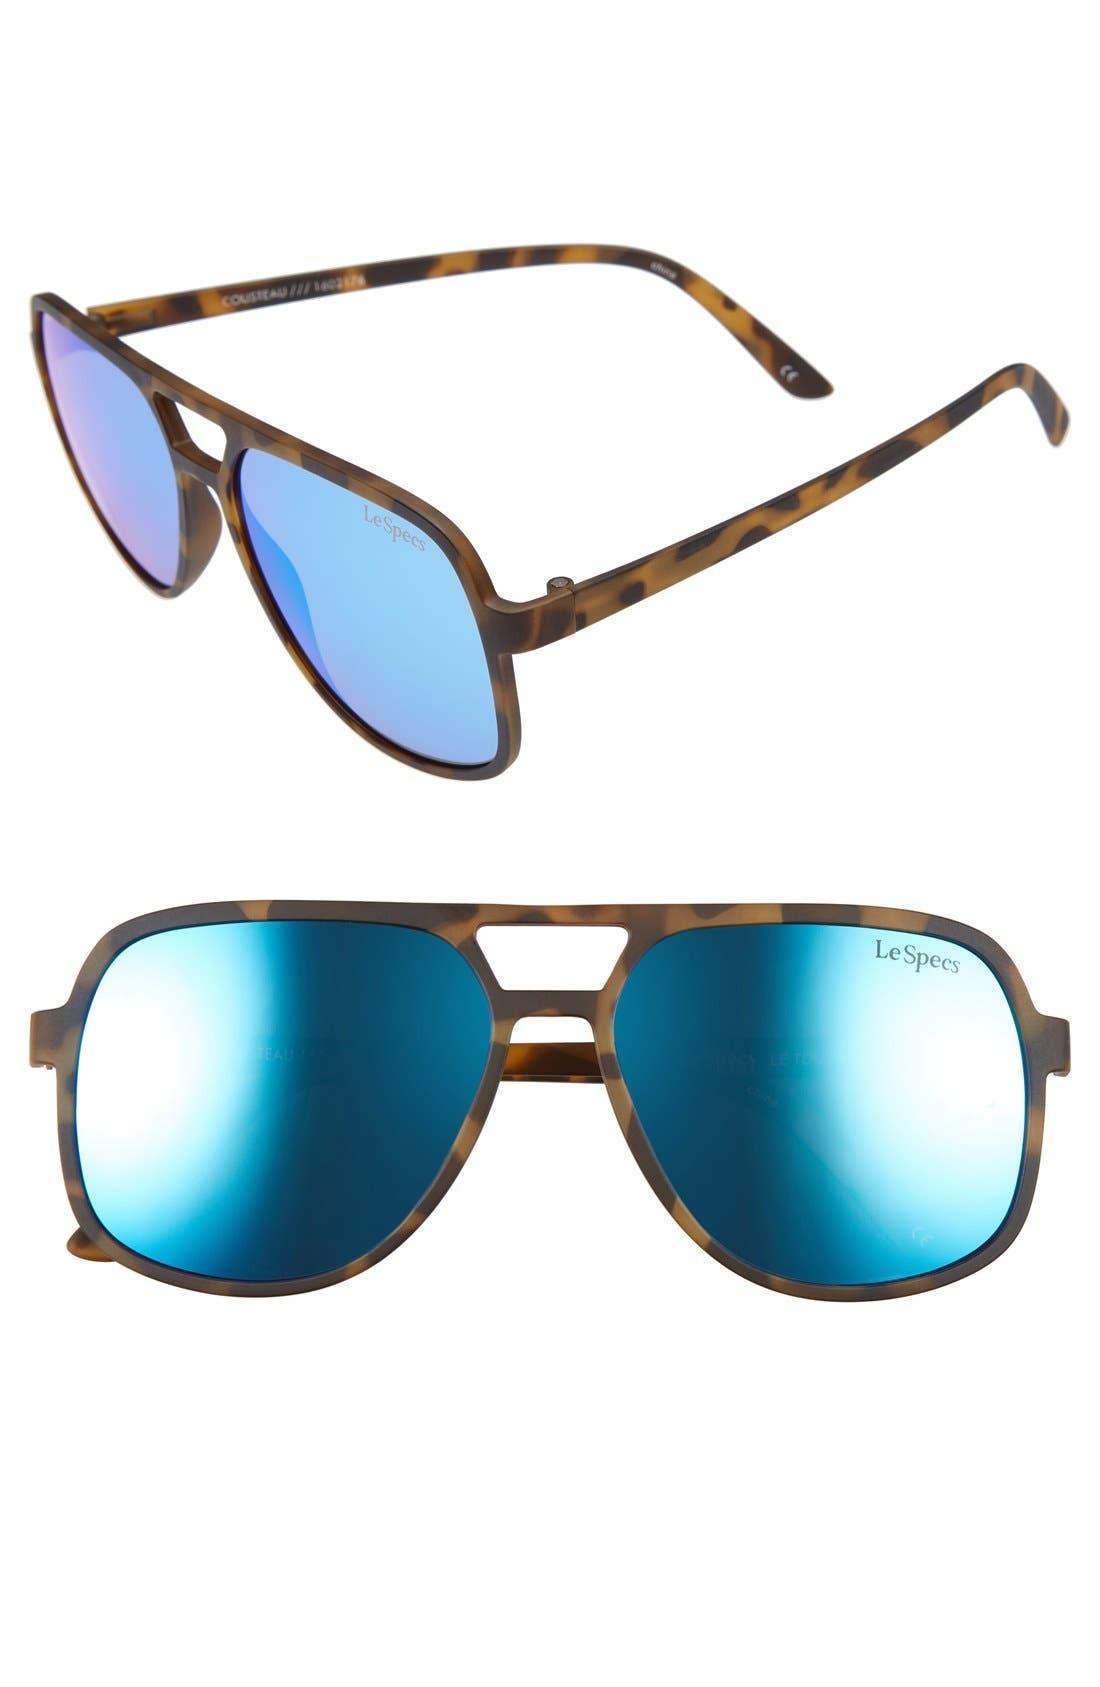 Cousteau 58mm Sunglasses,                         Main,                         color, Matte Tortoise